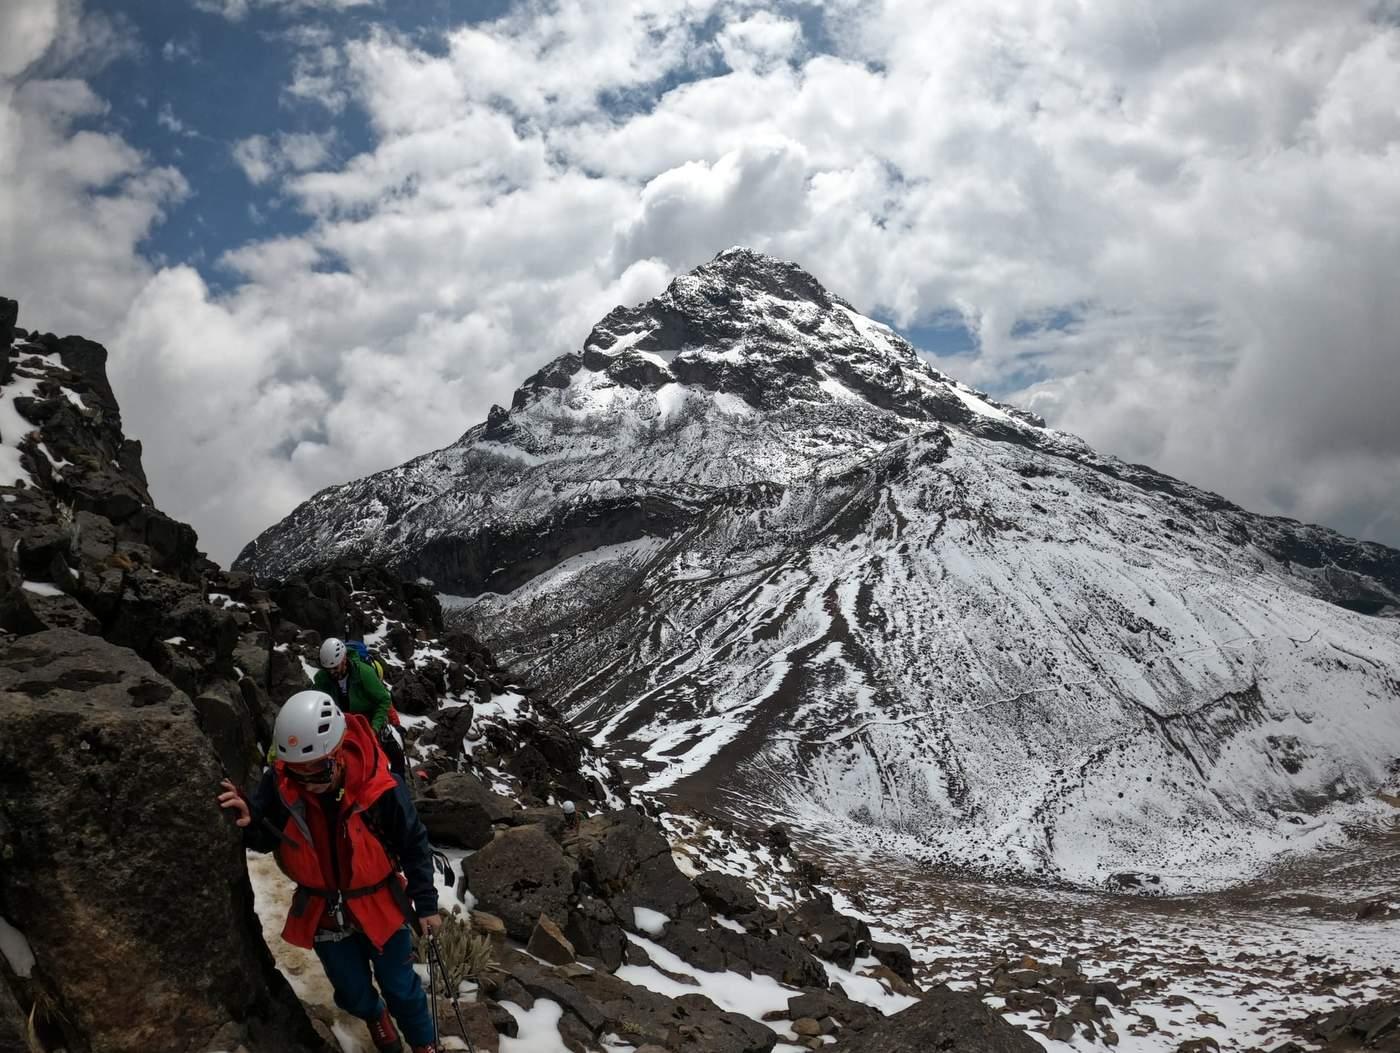 טיפוס הר געש אקוודור